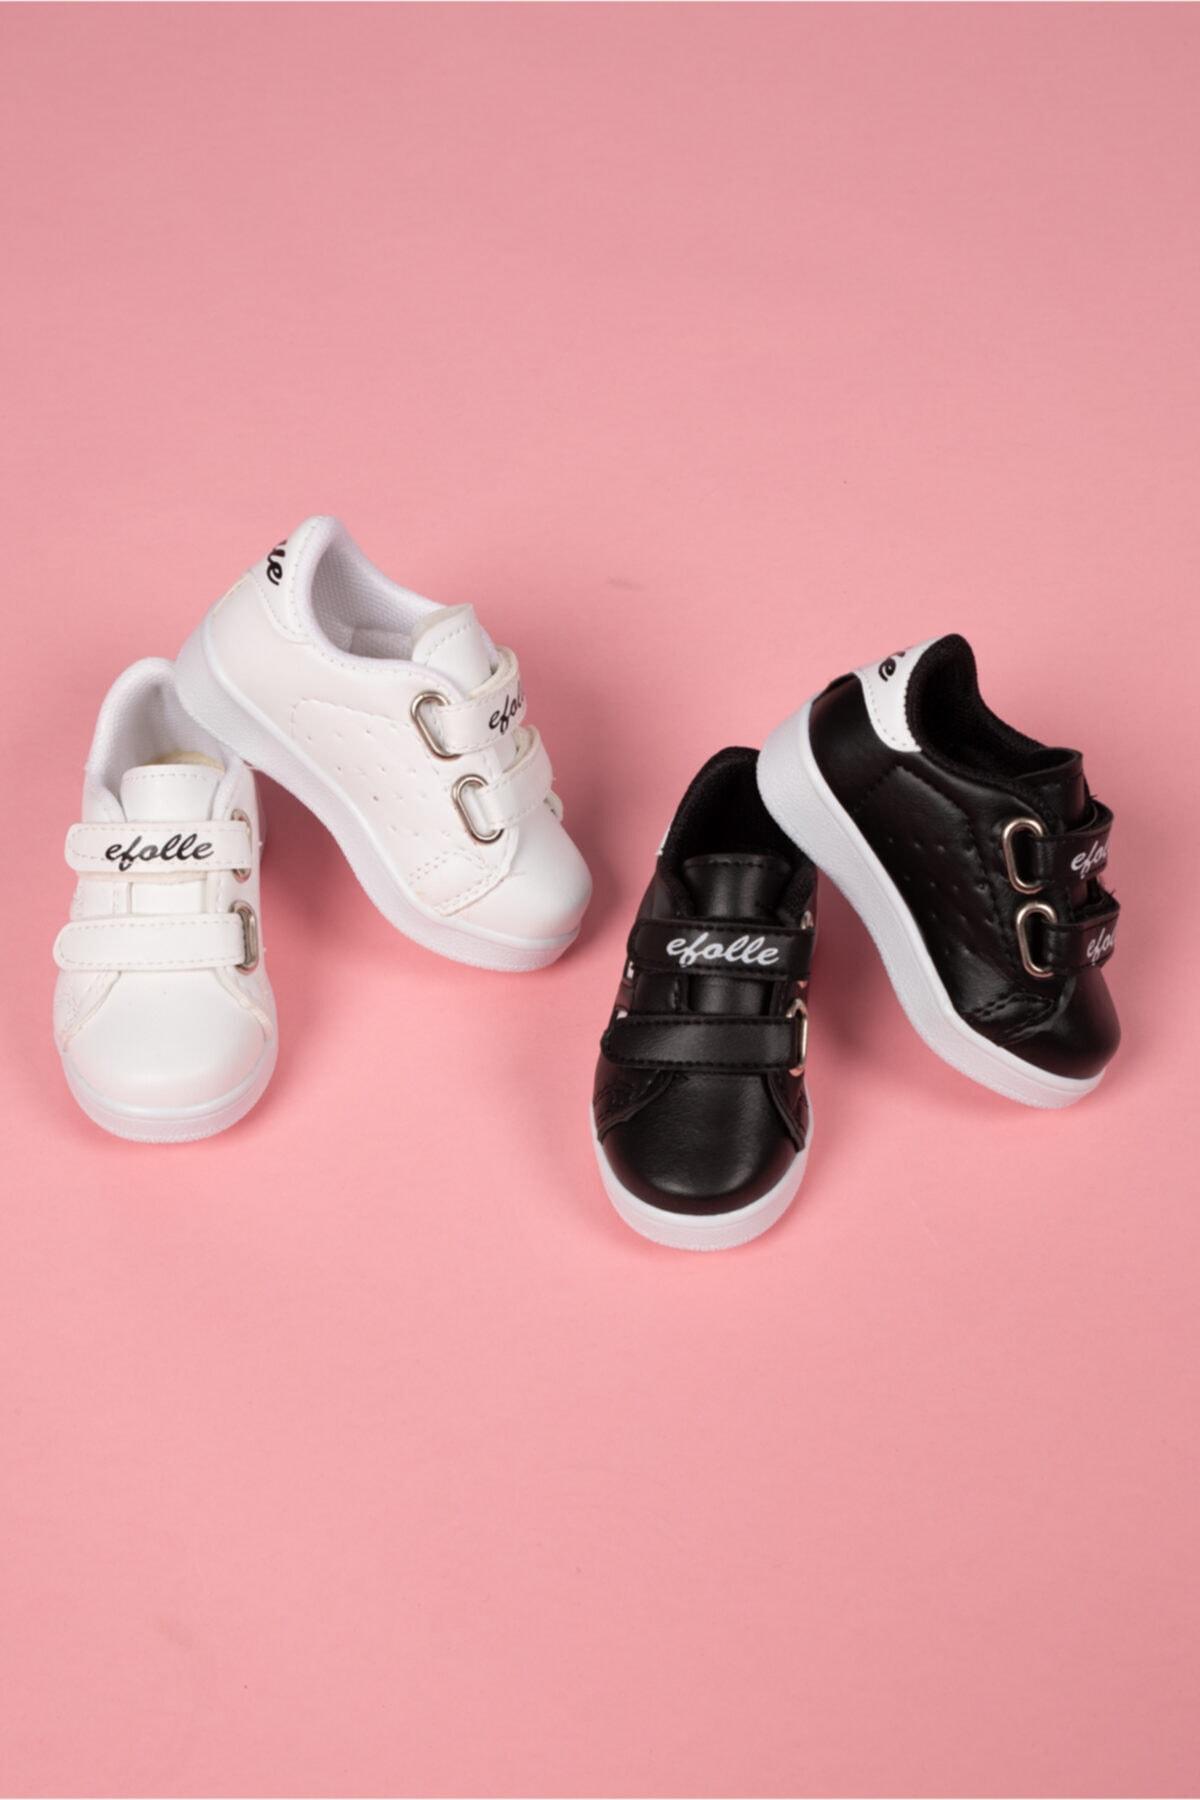 Efolle 2 Çift Unisex Çocuk Günlük Spor Ayakkabı 1